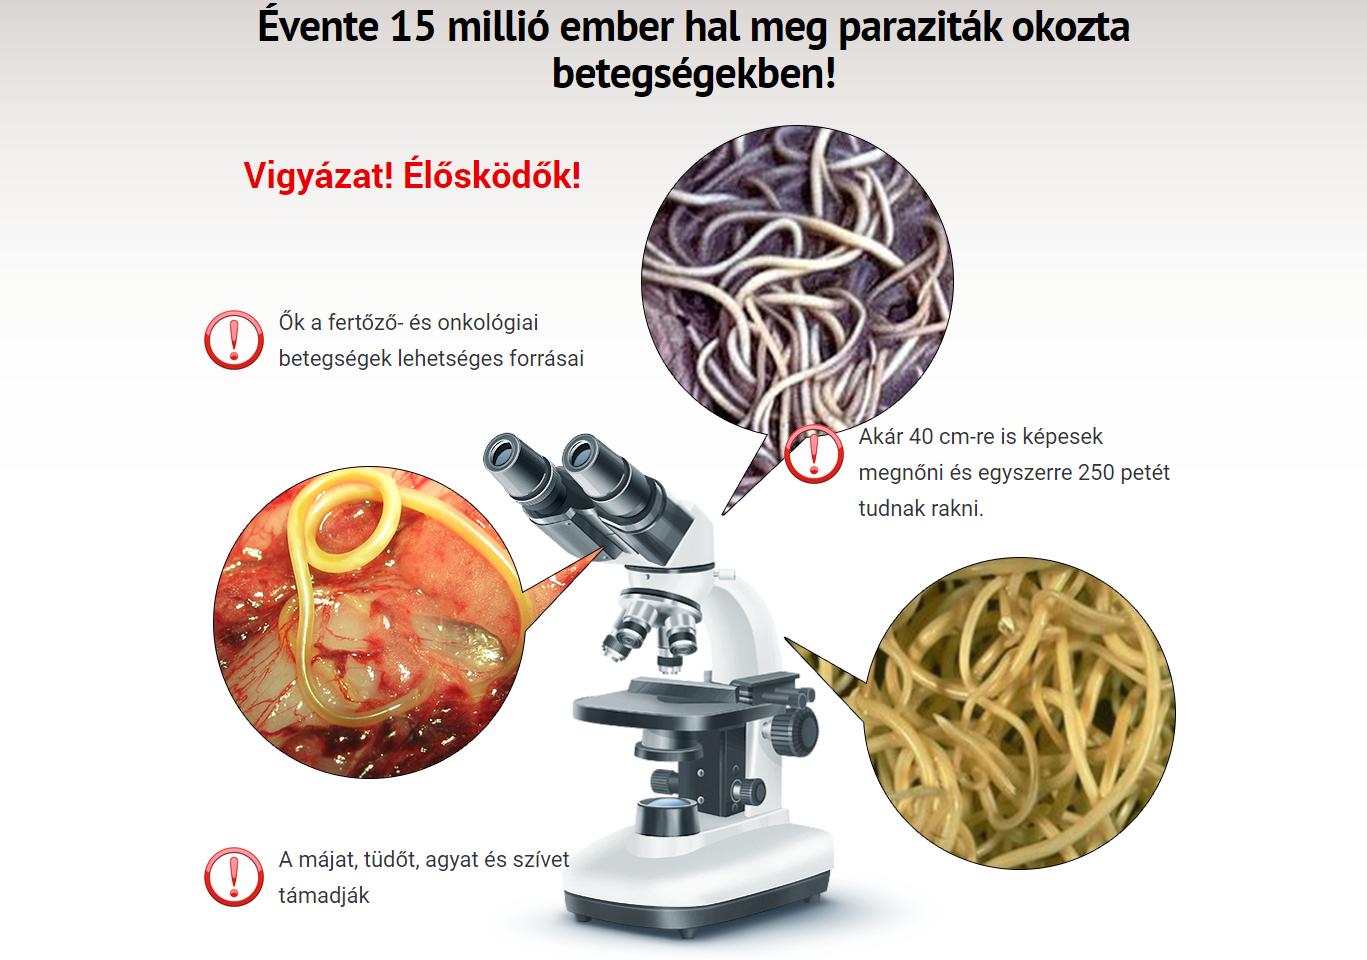 candida paraziták a testben az enterobiasis kezelésére szolgáló gyógyszerek